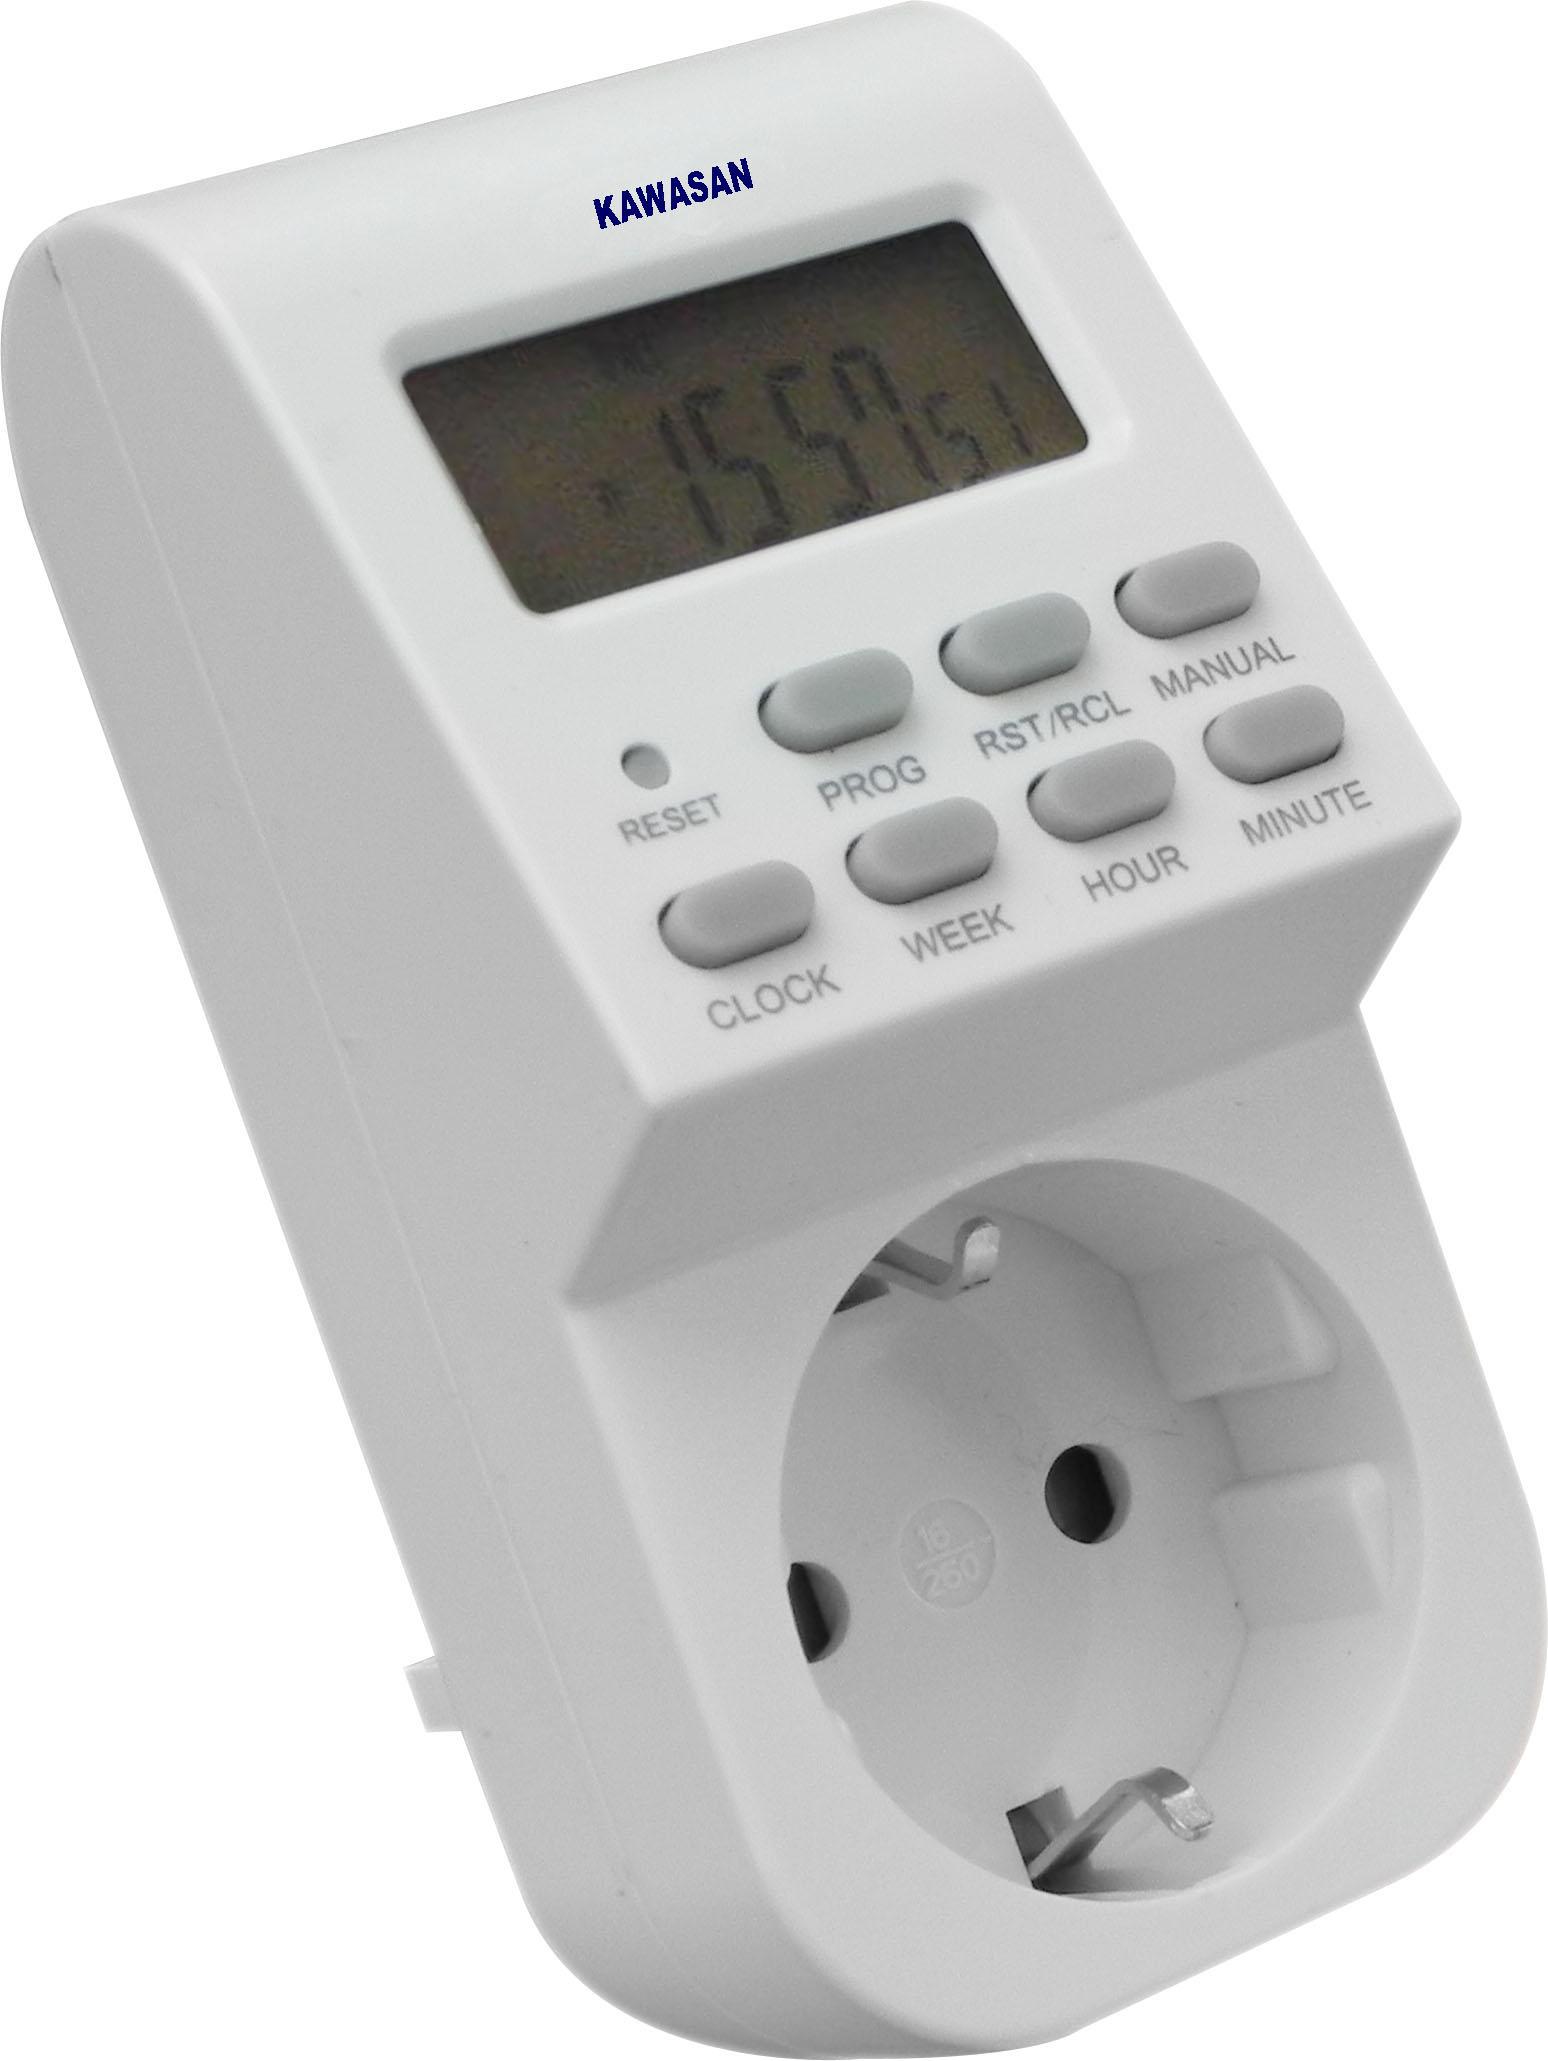 Tge2b thiết bị hẹn giờ kĩ thuật số